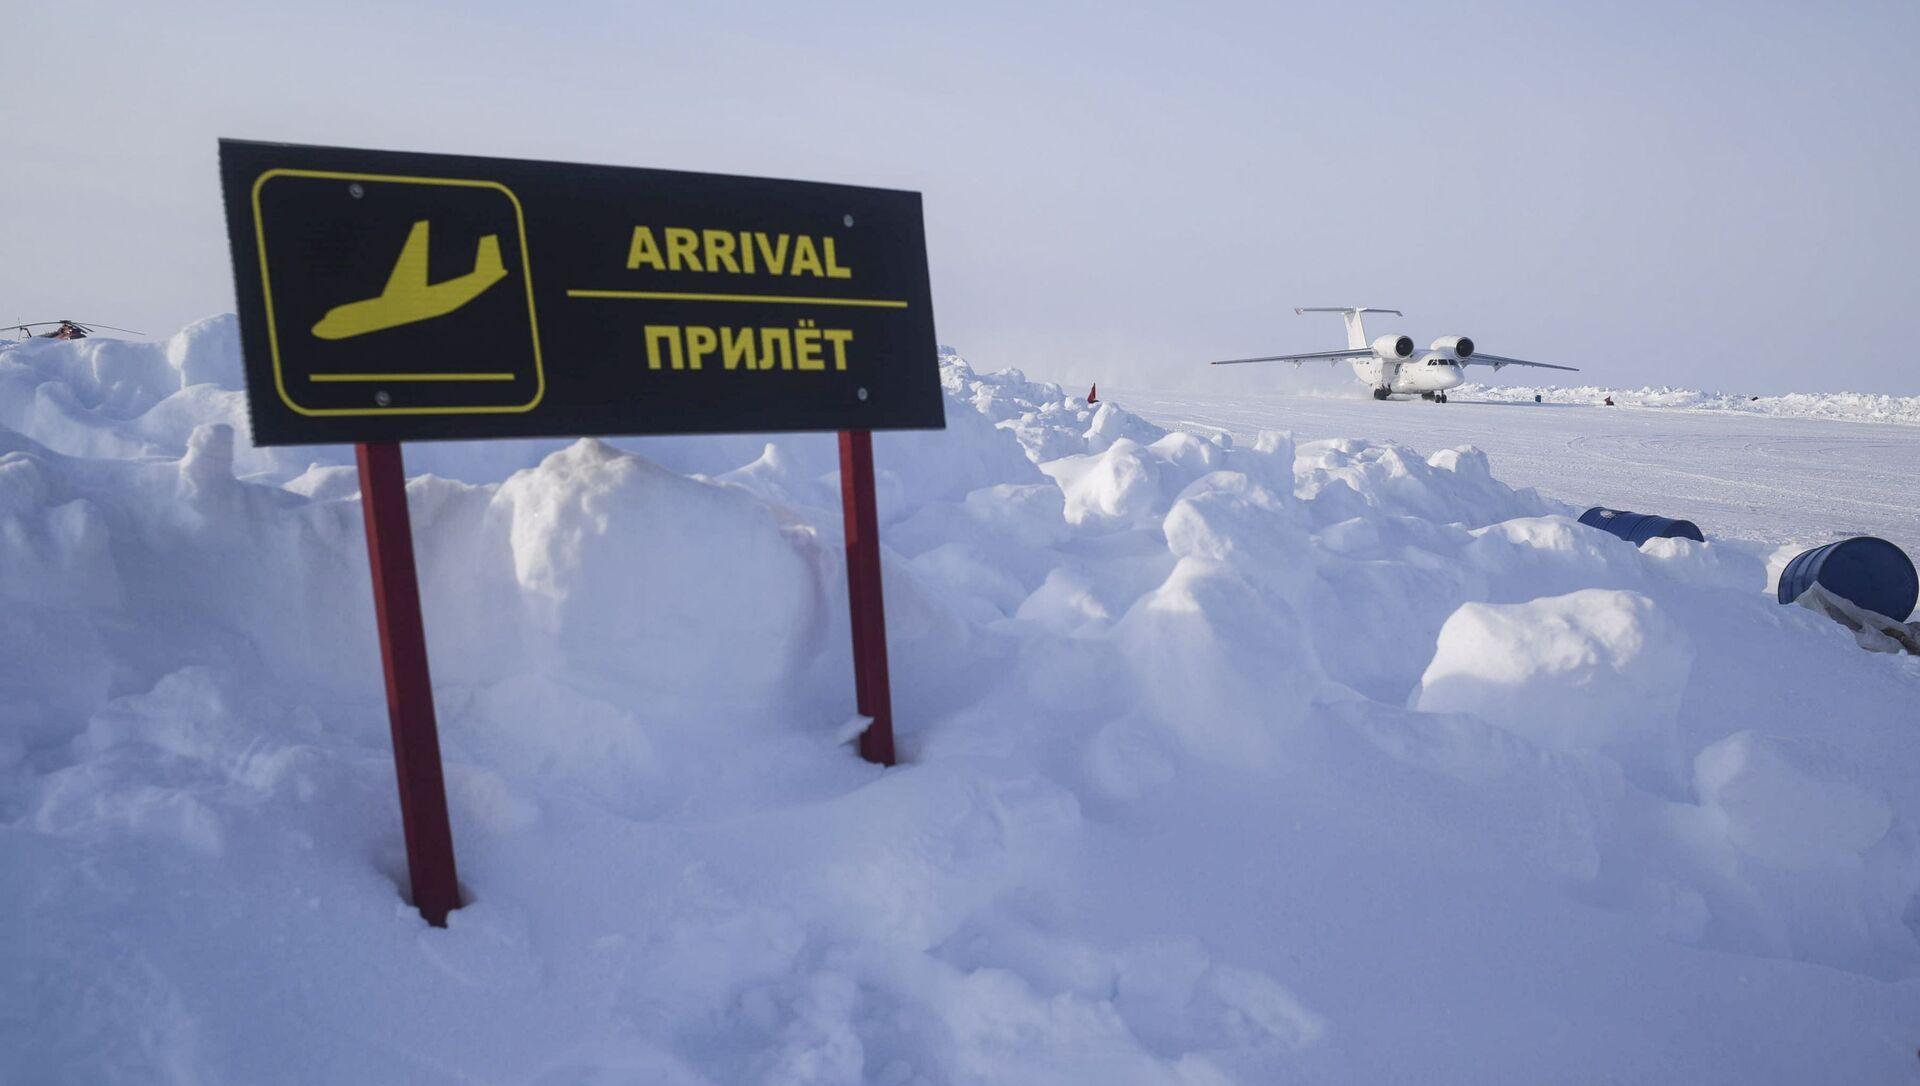 Una pista de aterrizaje en el Ártico (archivo) - Sputnik Mundo, 1920, 20.01.2021